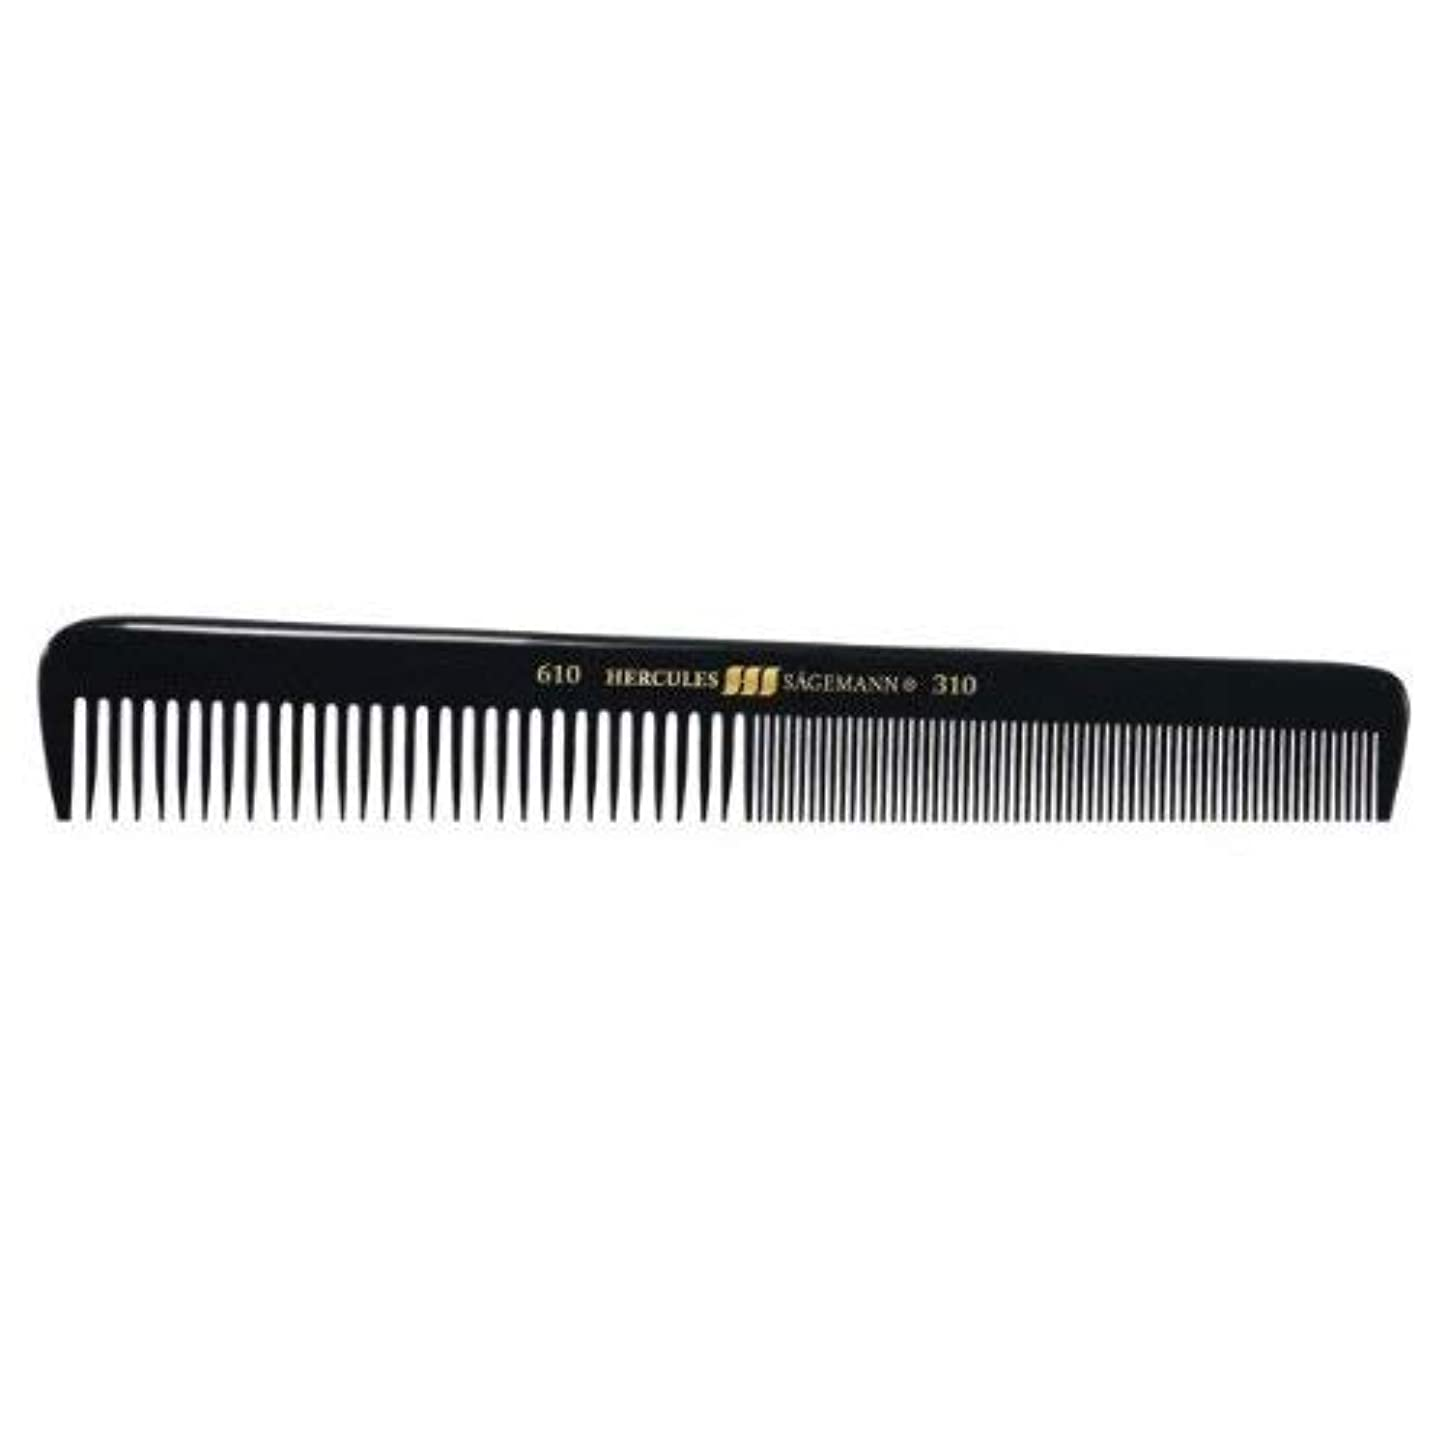 罪悪感建設パキスタンHercules S?gemann Gents Comb for short hair | Ebonite - Made in Germany [並行輸入品]